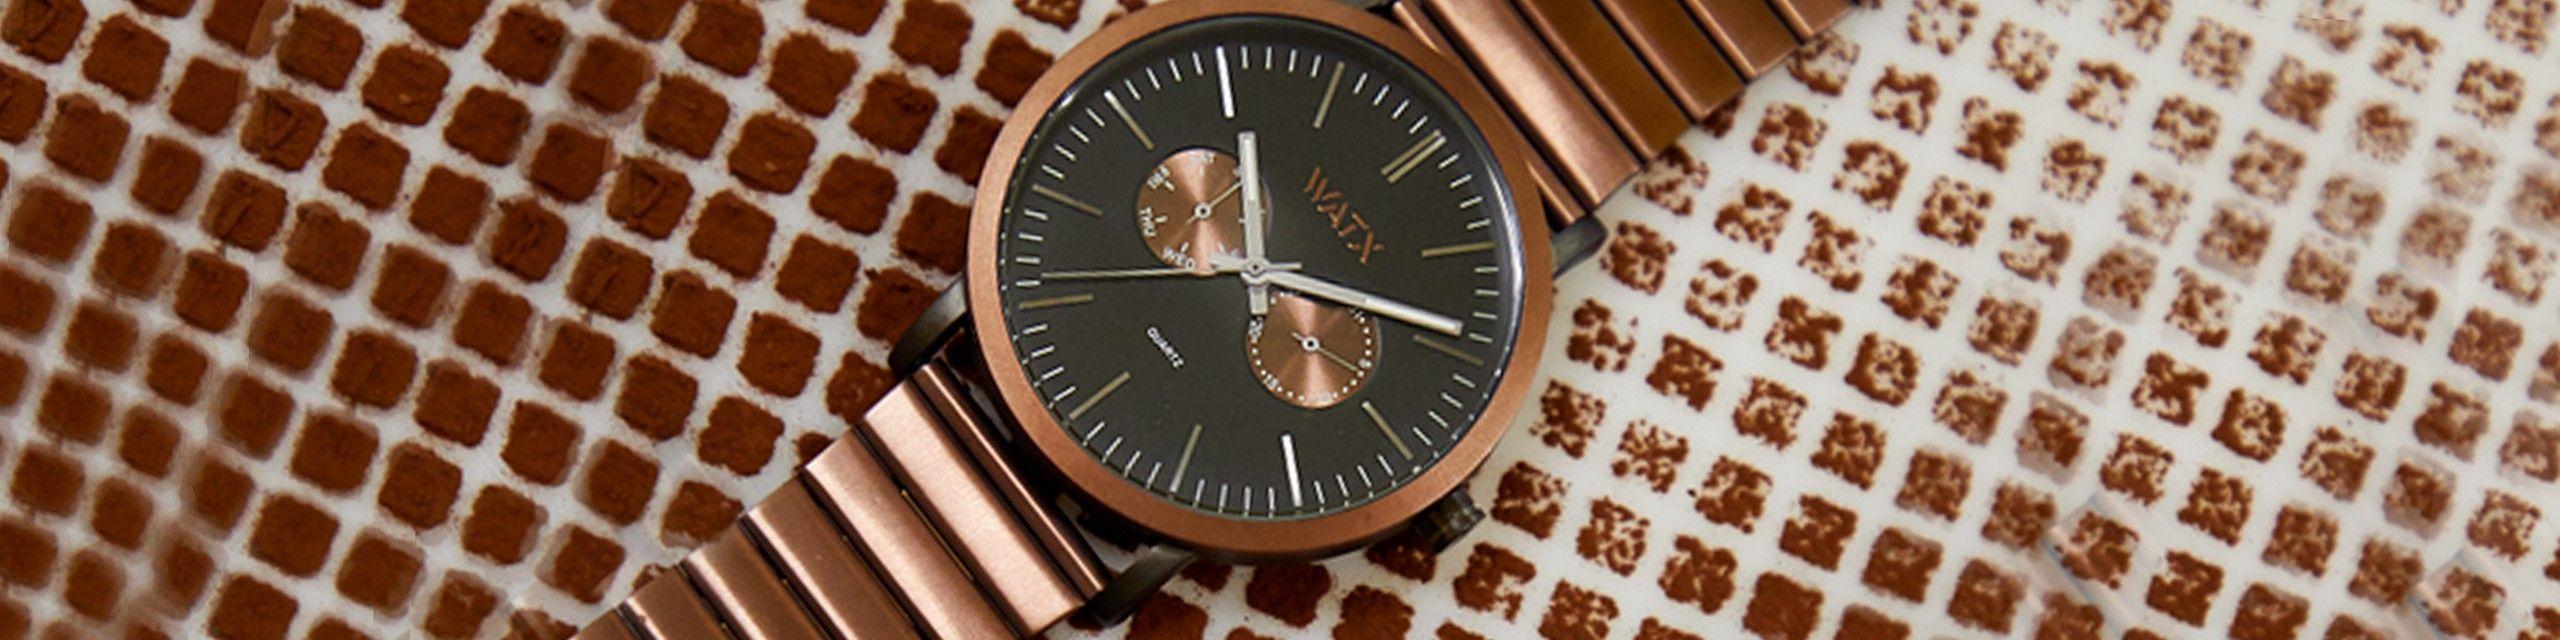 Colección de relojes de metal, los más elegantes - Watx España